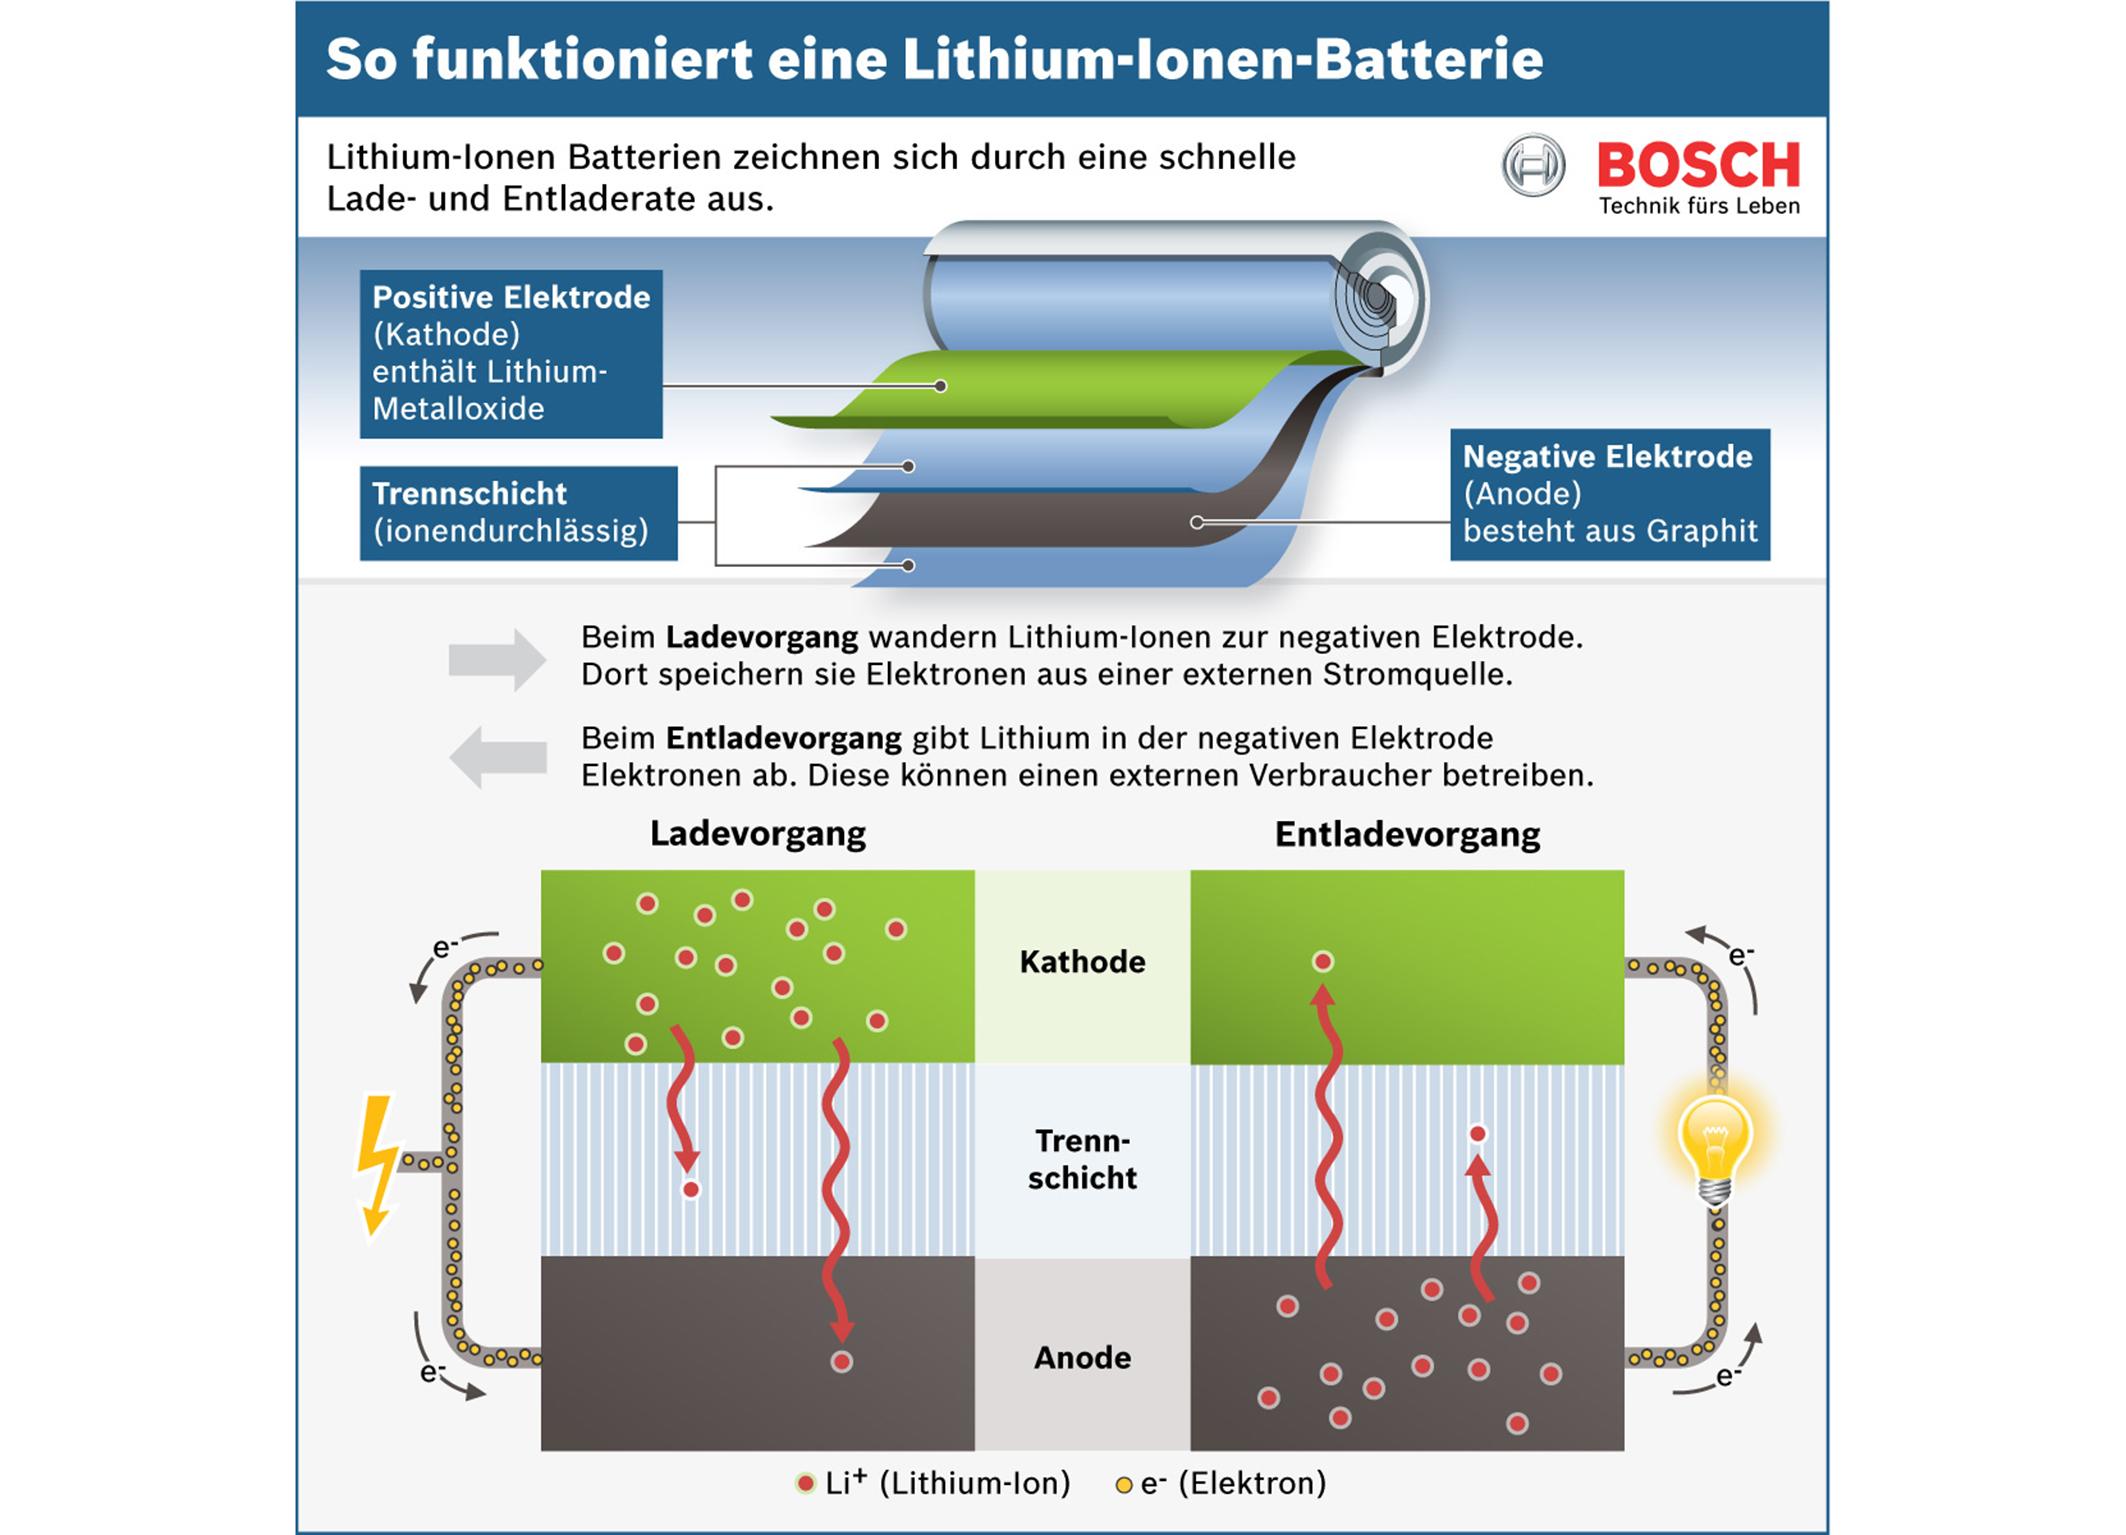 Schema: Funktion einer Lithium-Ionen-Batterie